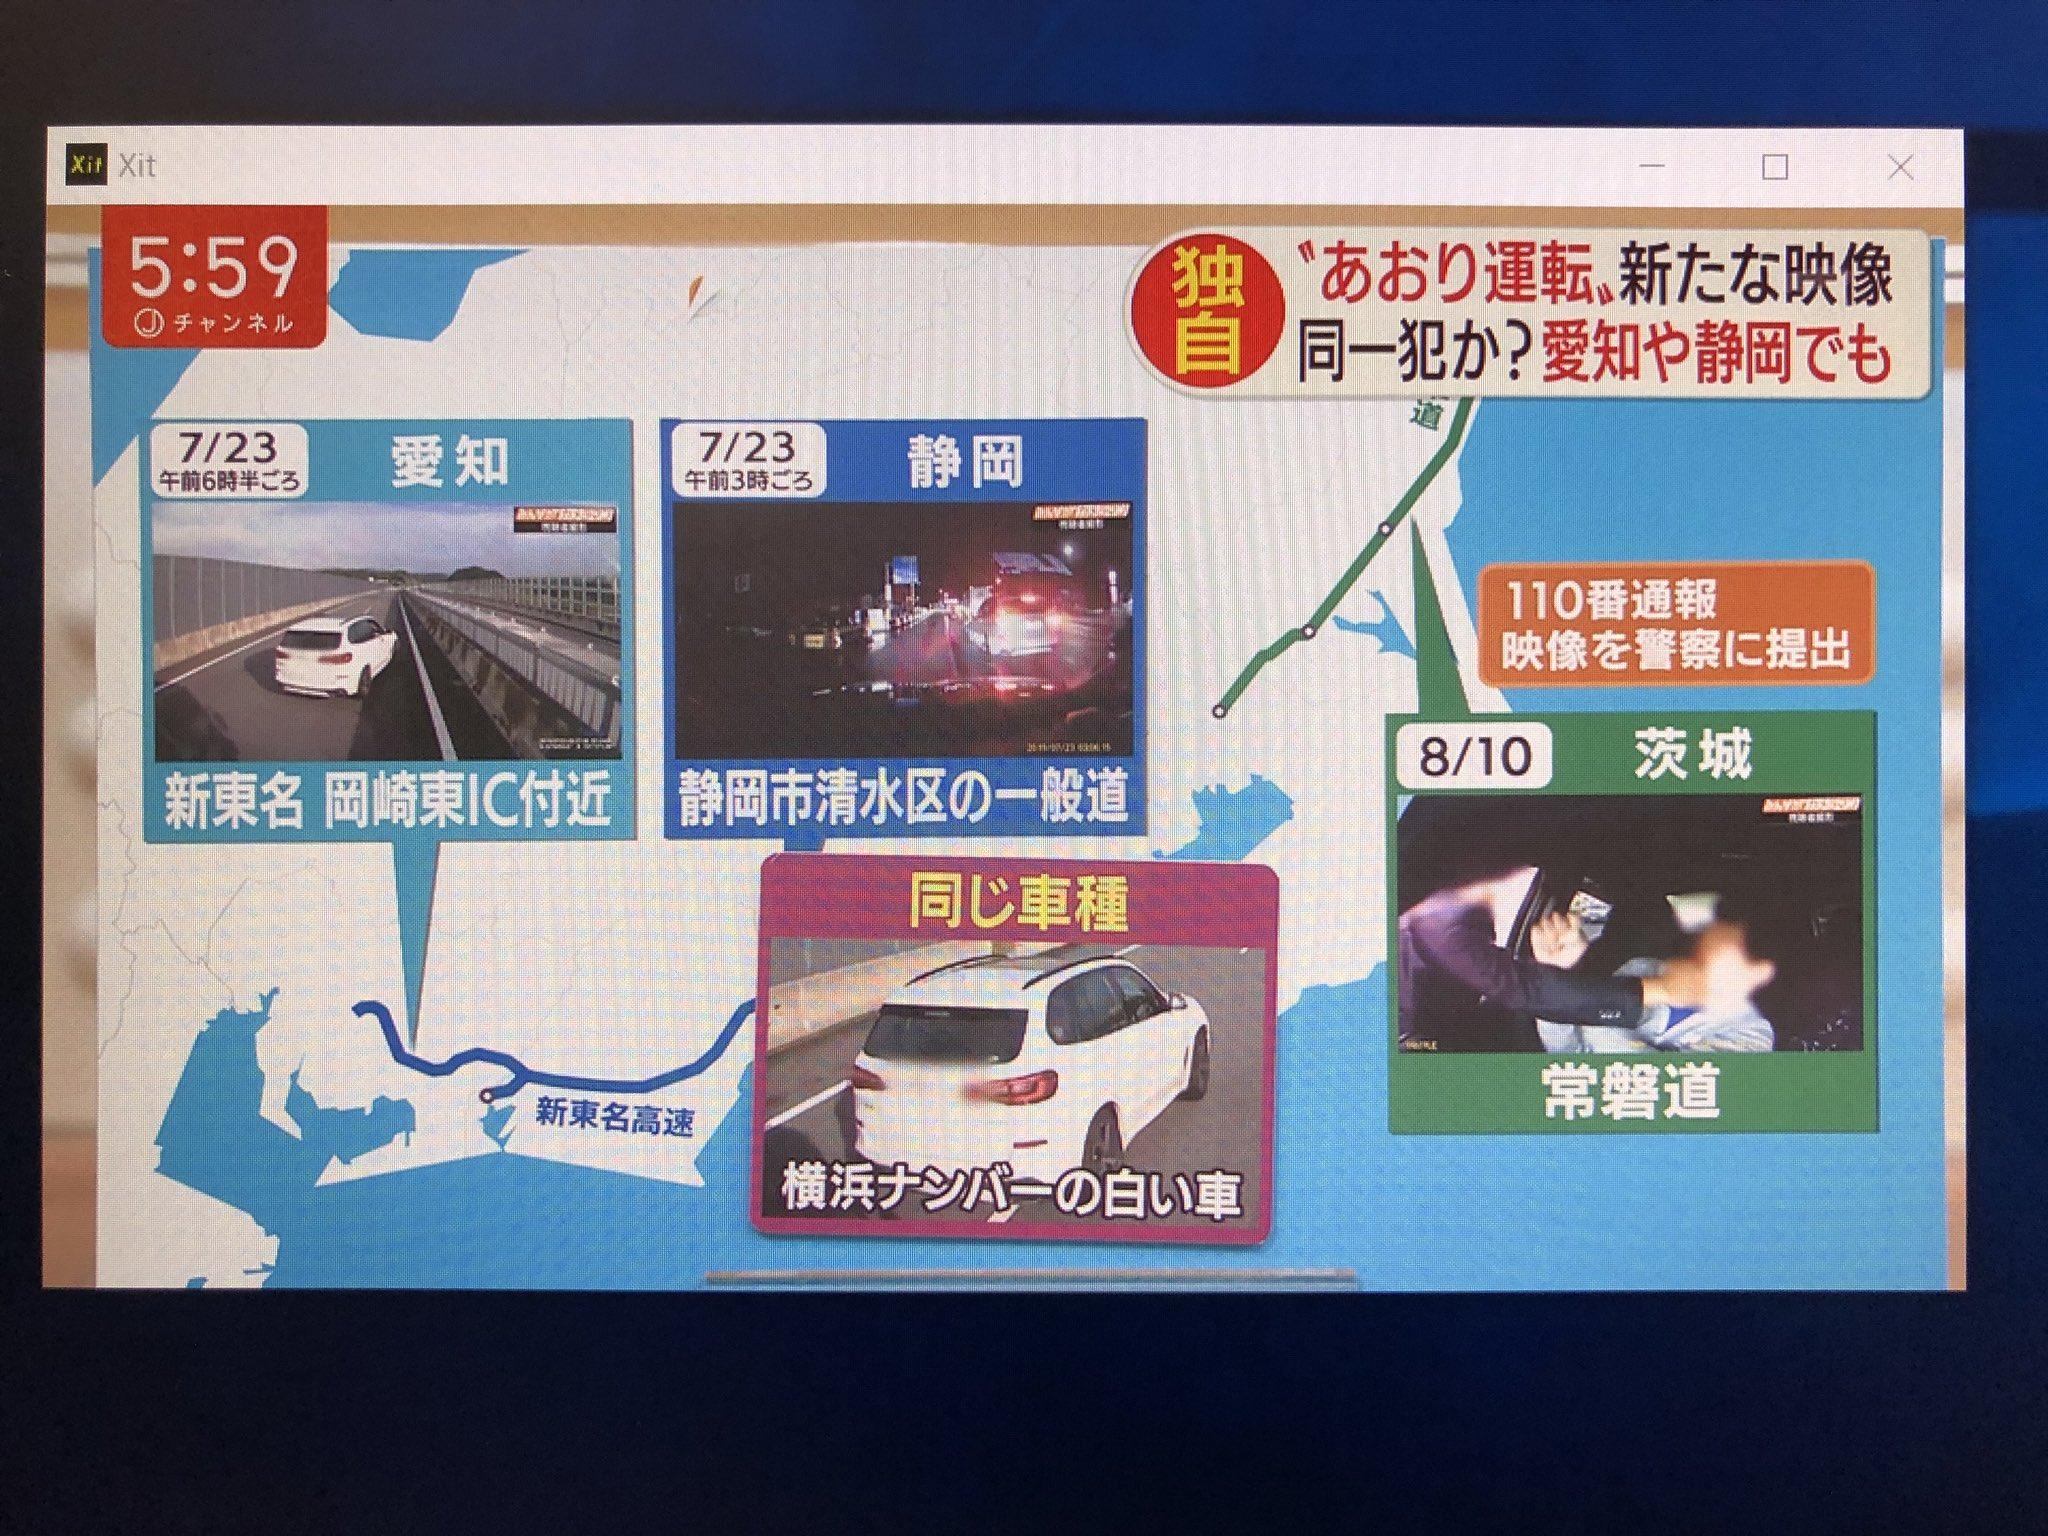 画像,茨城県常磐自動車道 あおり運転をしていた白のBMW、横浜ナンバーの試乗車で静岡や愛知でも蛇行運転 - NAVER まとめ https://t.co/tMU1hz…